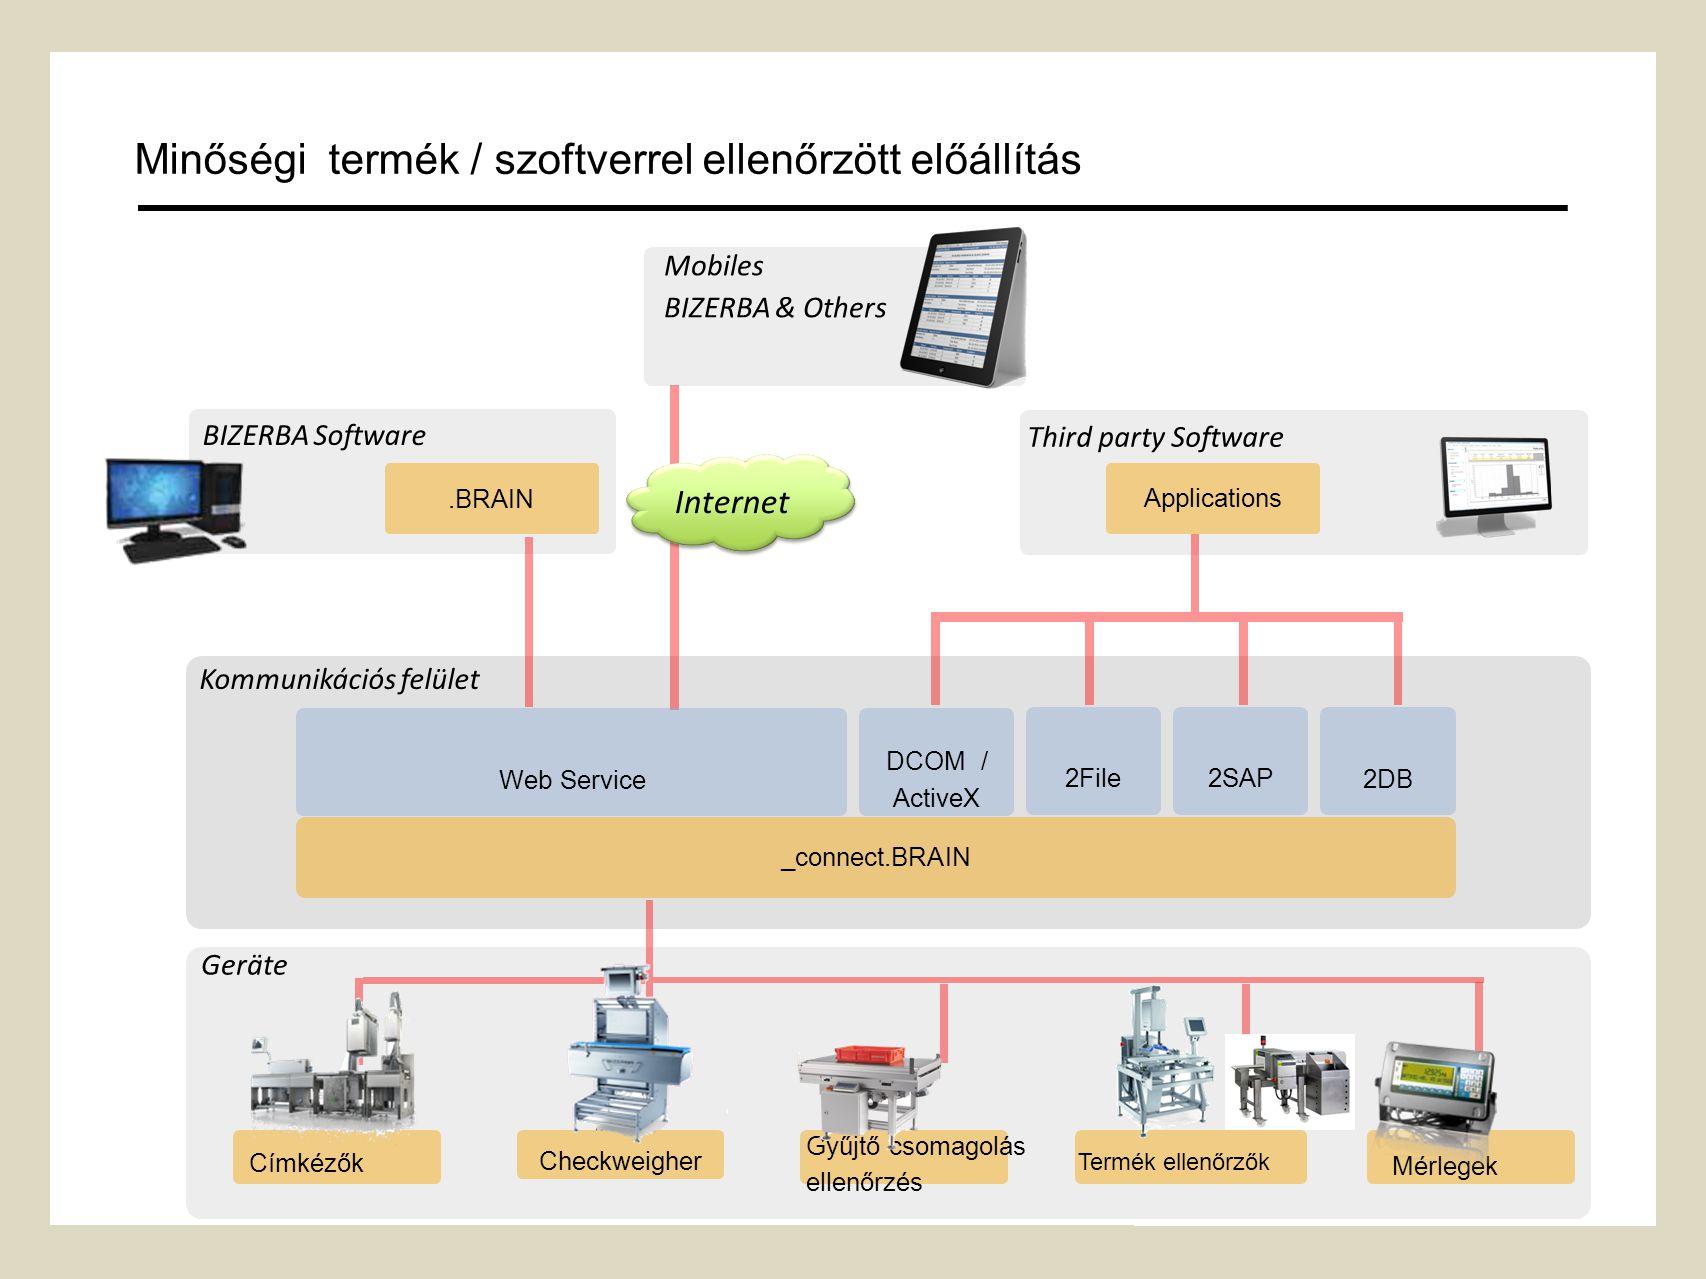 6 BIZERBA Software _connect.BRAIN Kommunikációs felület Címkézők Geräte Checkweigher Internet Gyűjtő csomagolás ellenőrzés Mérlegek Mobiles BIZERBA & Others.BRAIN Termék ellenőrzők DCOM / ActiveX Web Service Third party Software 2File2SAP 2DB Applications Minőségi termék / szoftverrel ellenőrzött előállítás